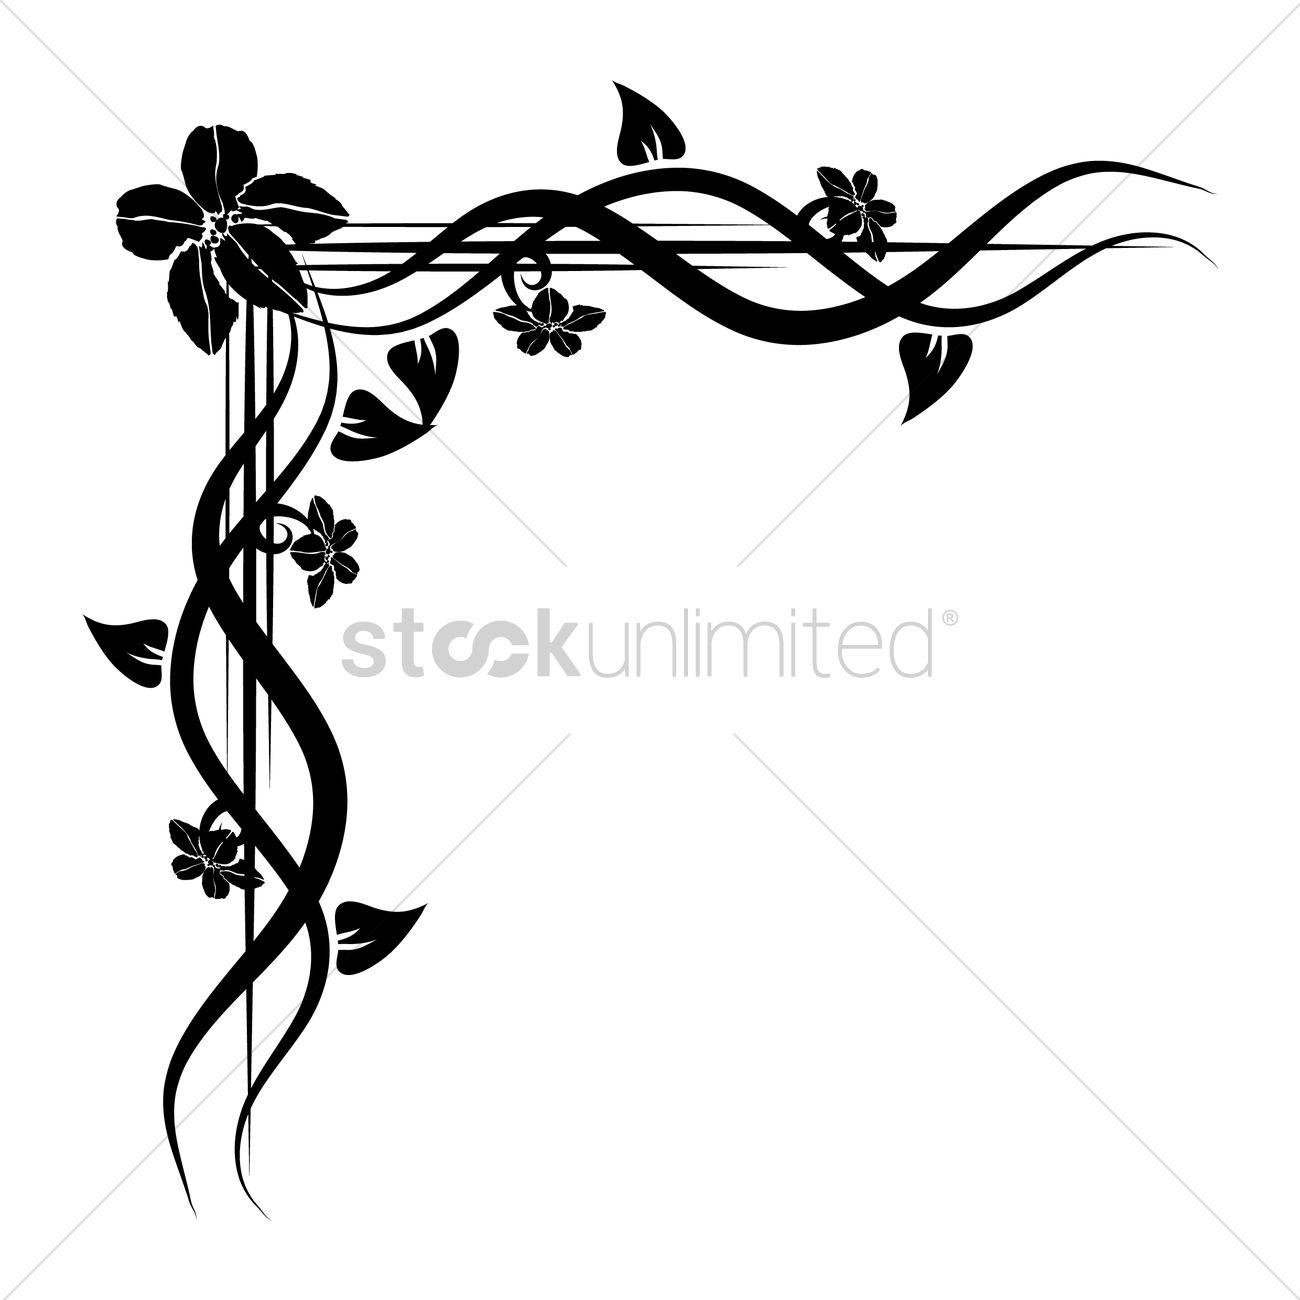 floral corner design vector image 1626888 stockunlimited floral corner design vector image